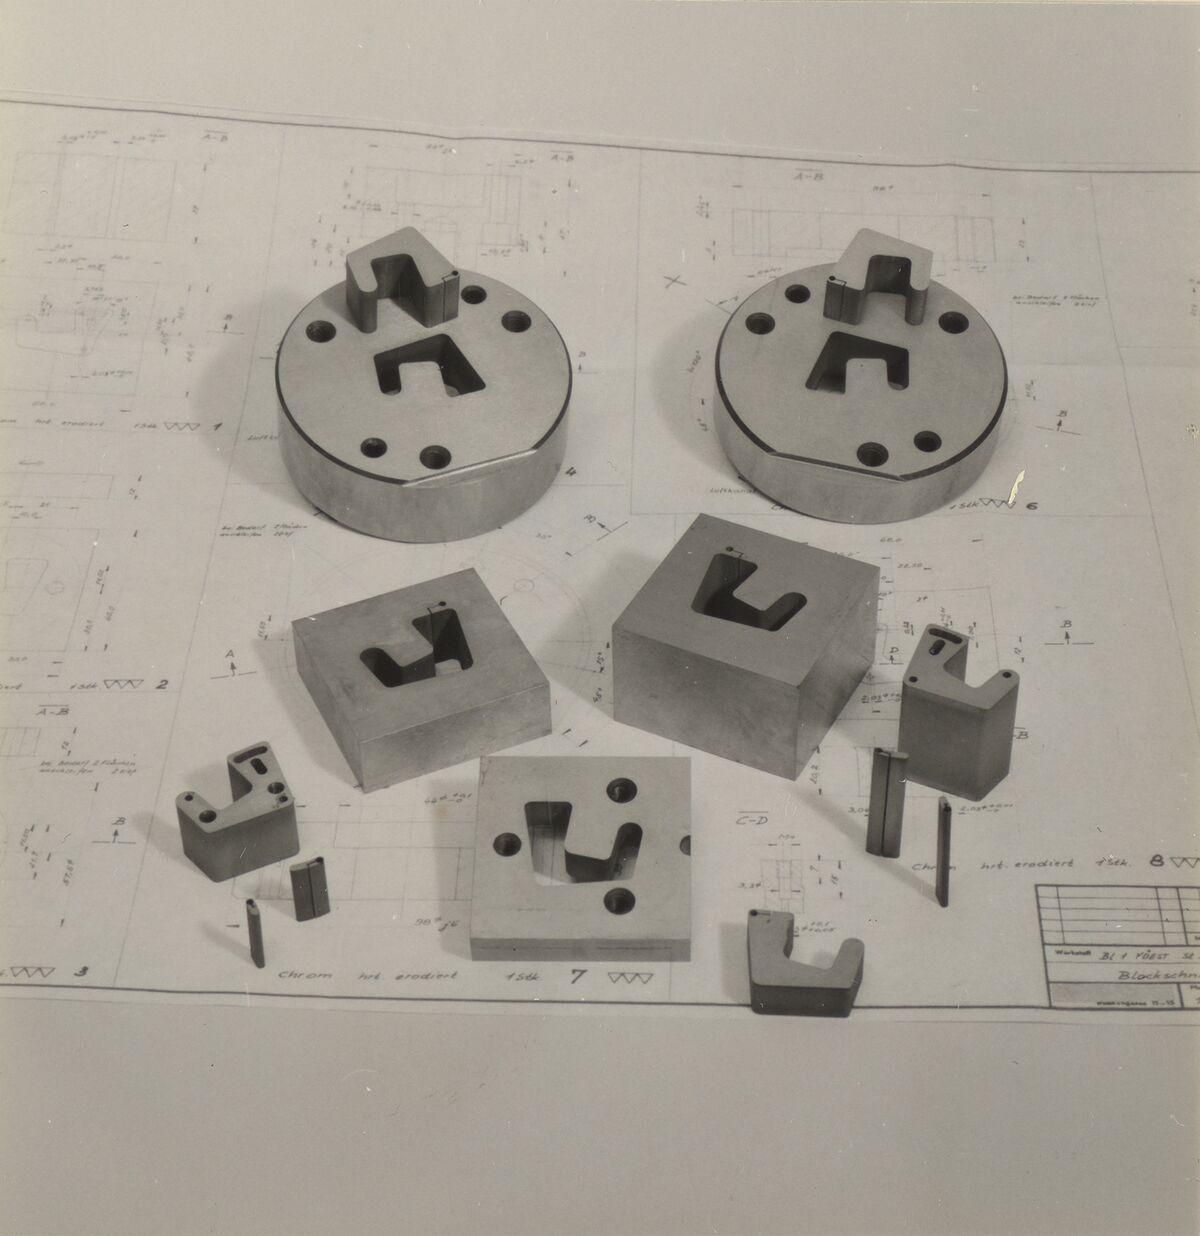 GFA 42/37078: Bau- und Bearbeitungsrestteile für Blockschnittwerkzeuge